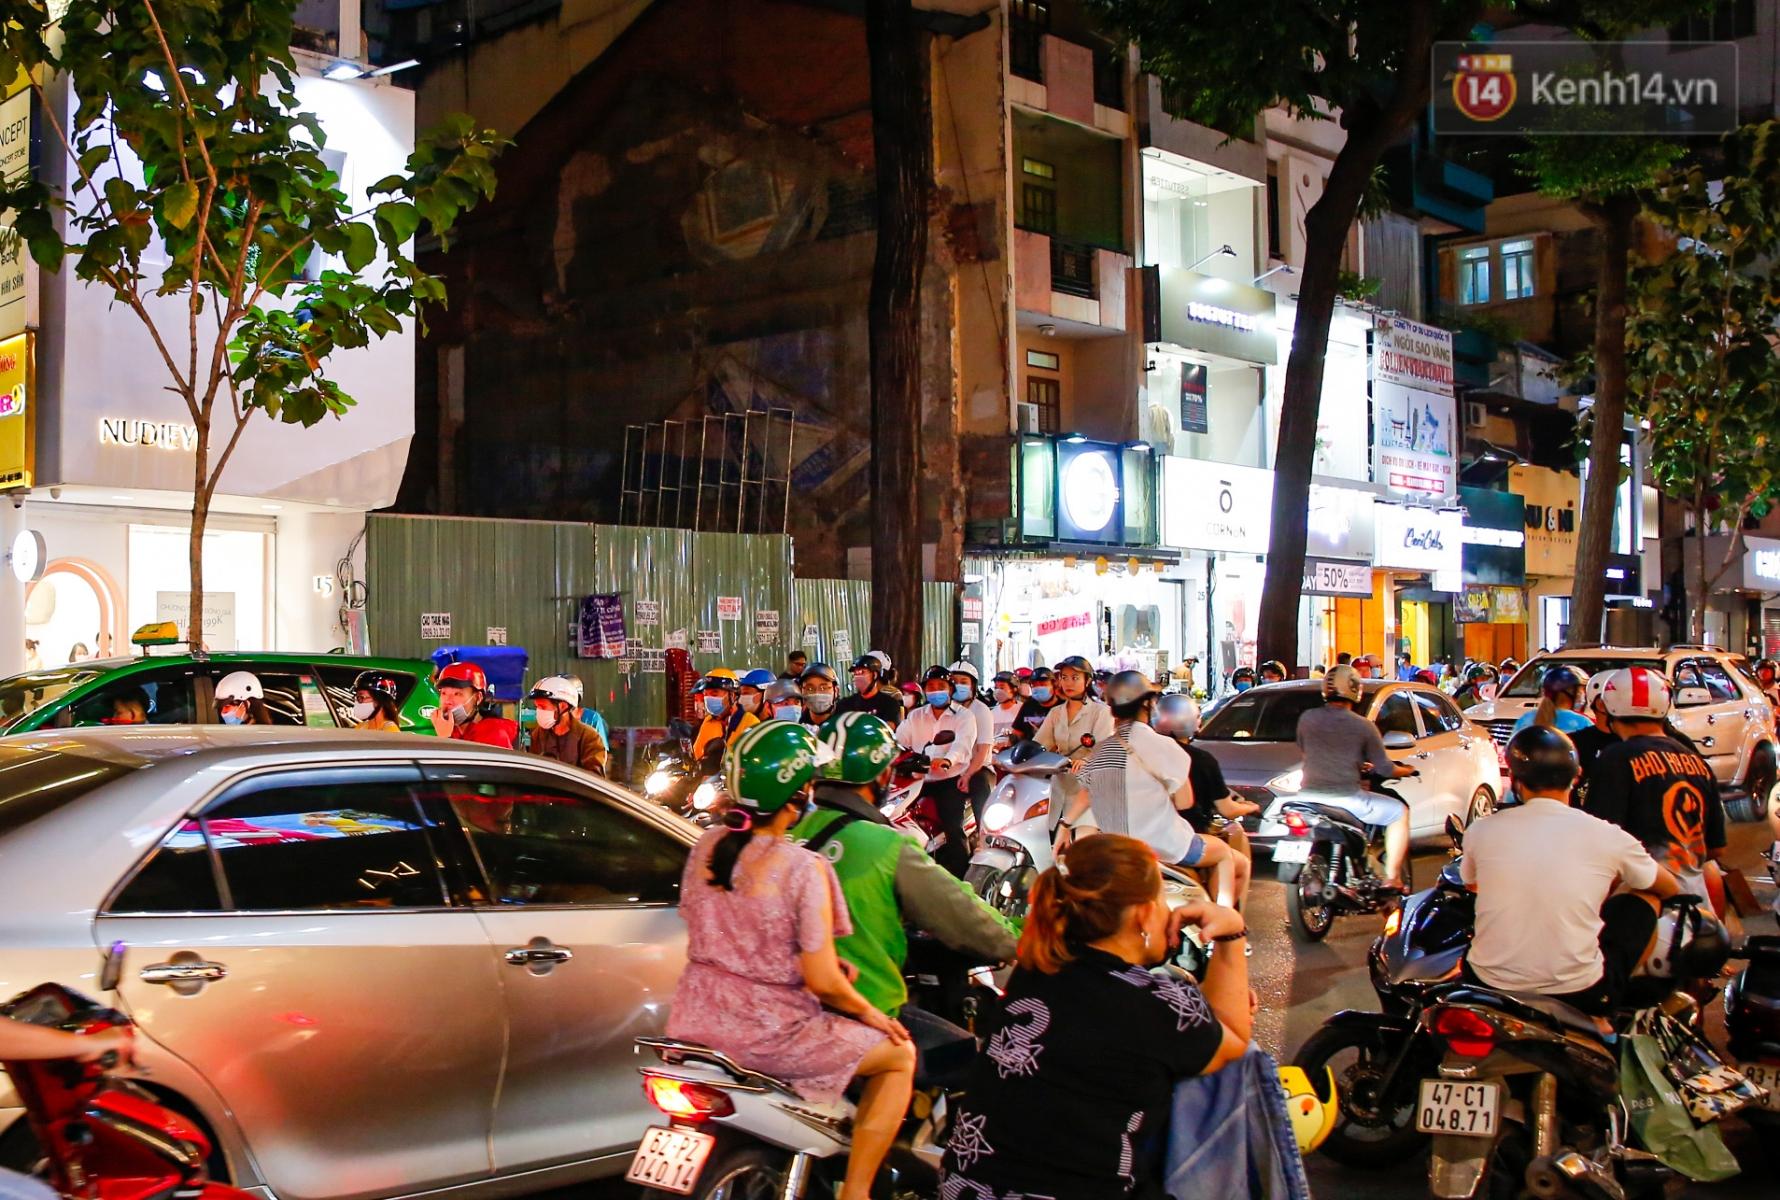 22h khuya nhưng người Sài Gòn vẫn tấp nập săn sale, tranh thủ hốt những món đồ ưng ý trước khi kết thúc ngày Black Friday - Ảnh 5.